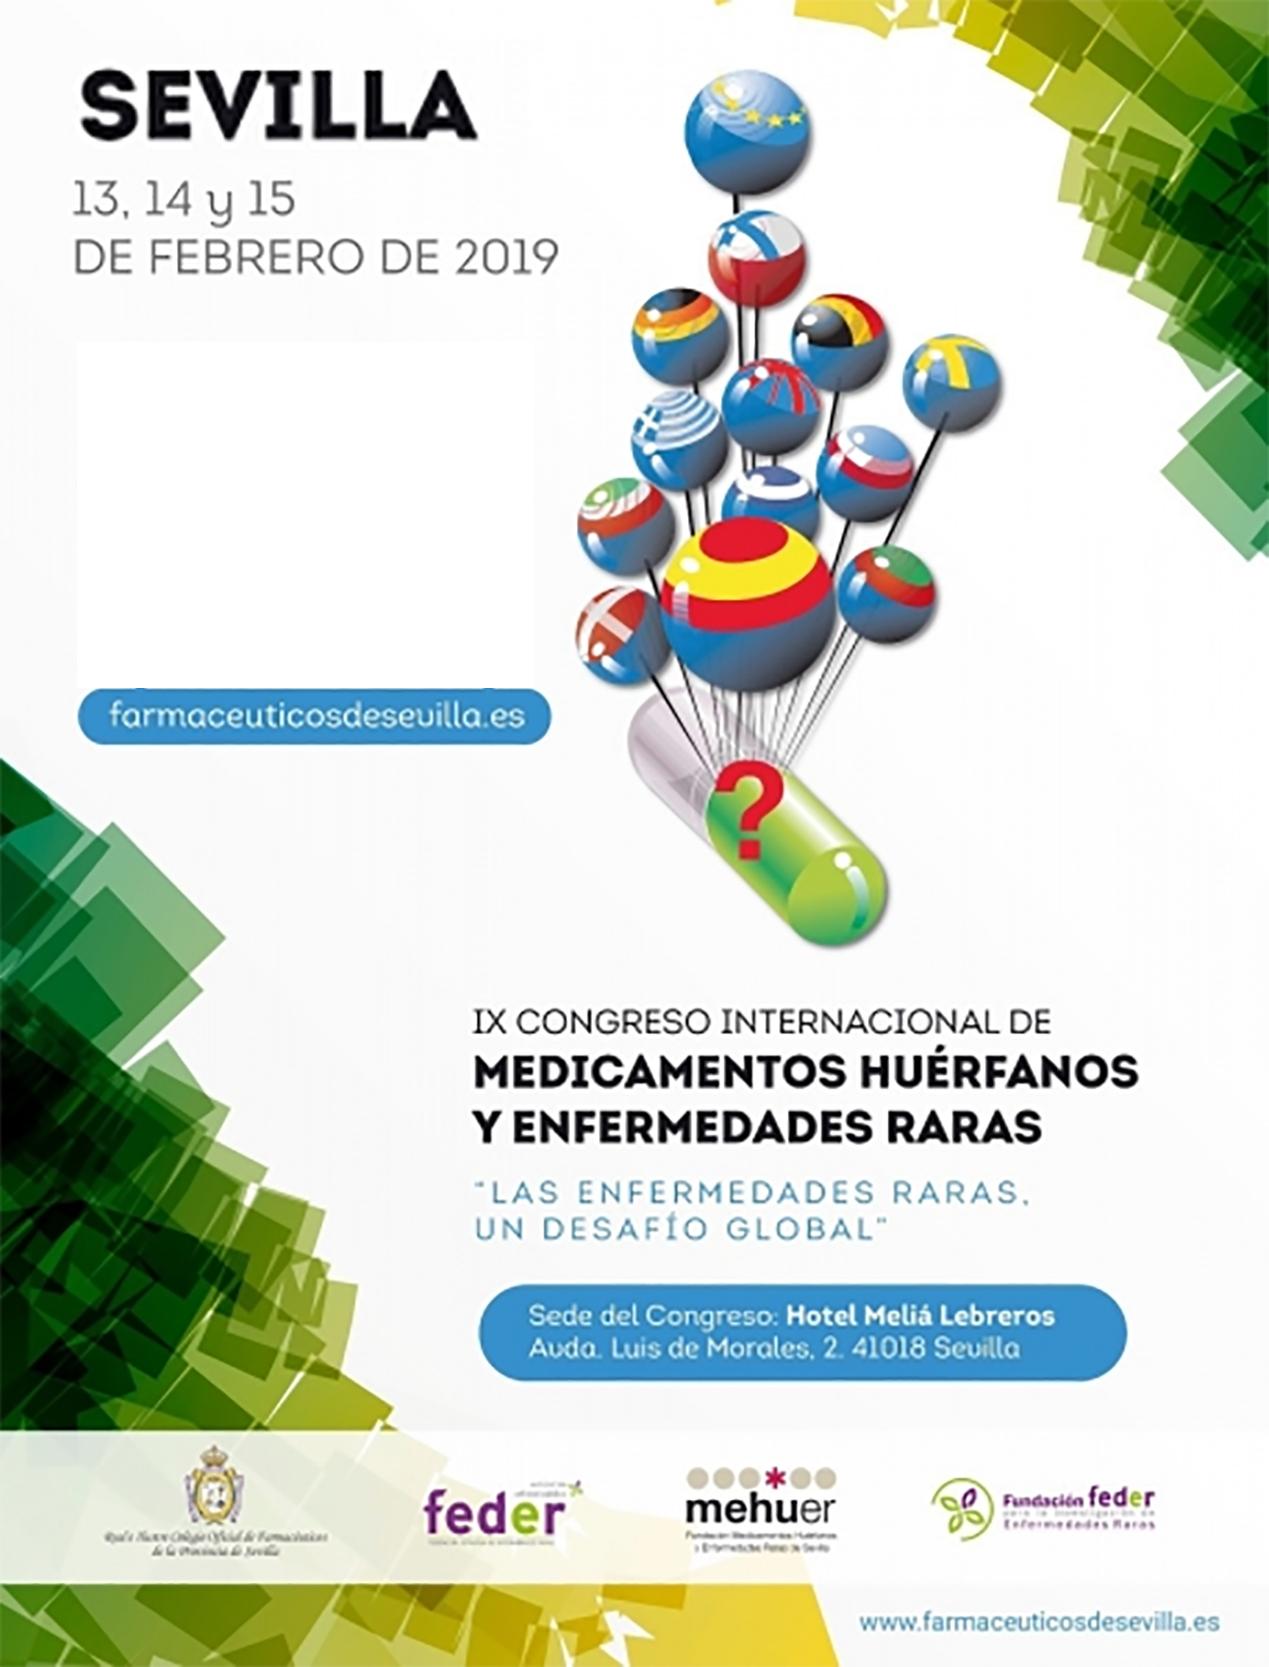 congreso enfermedades raras 2019 sevilla